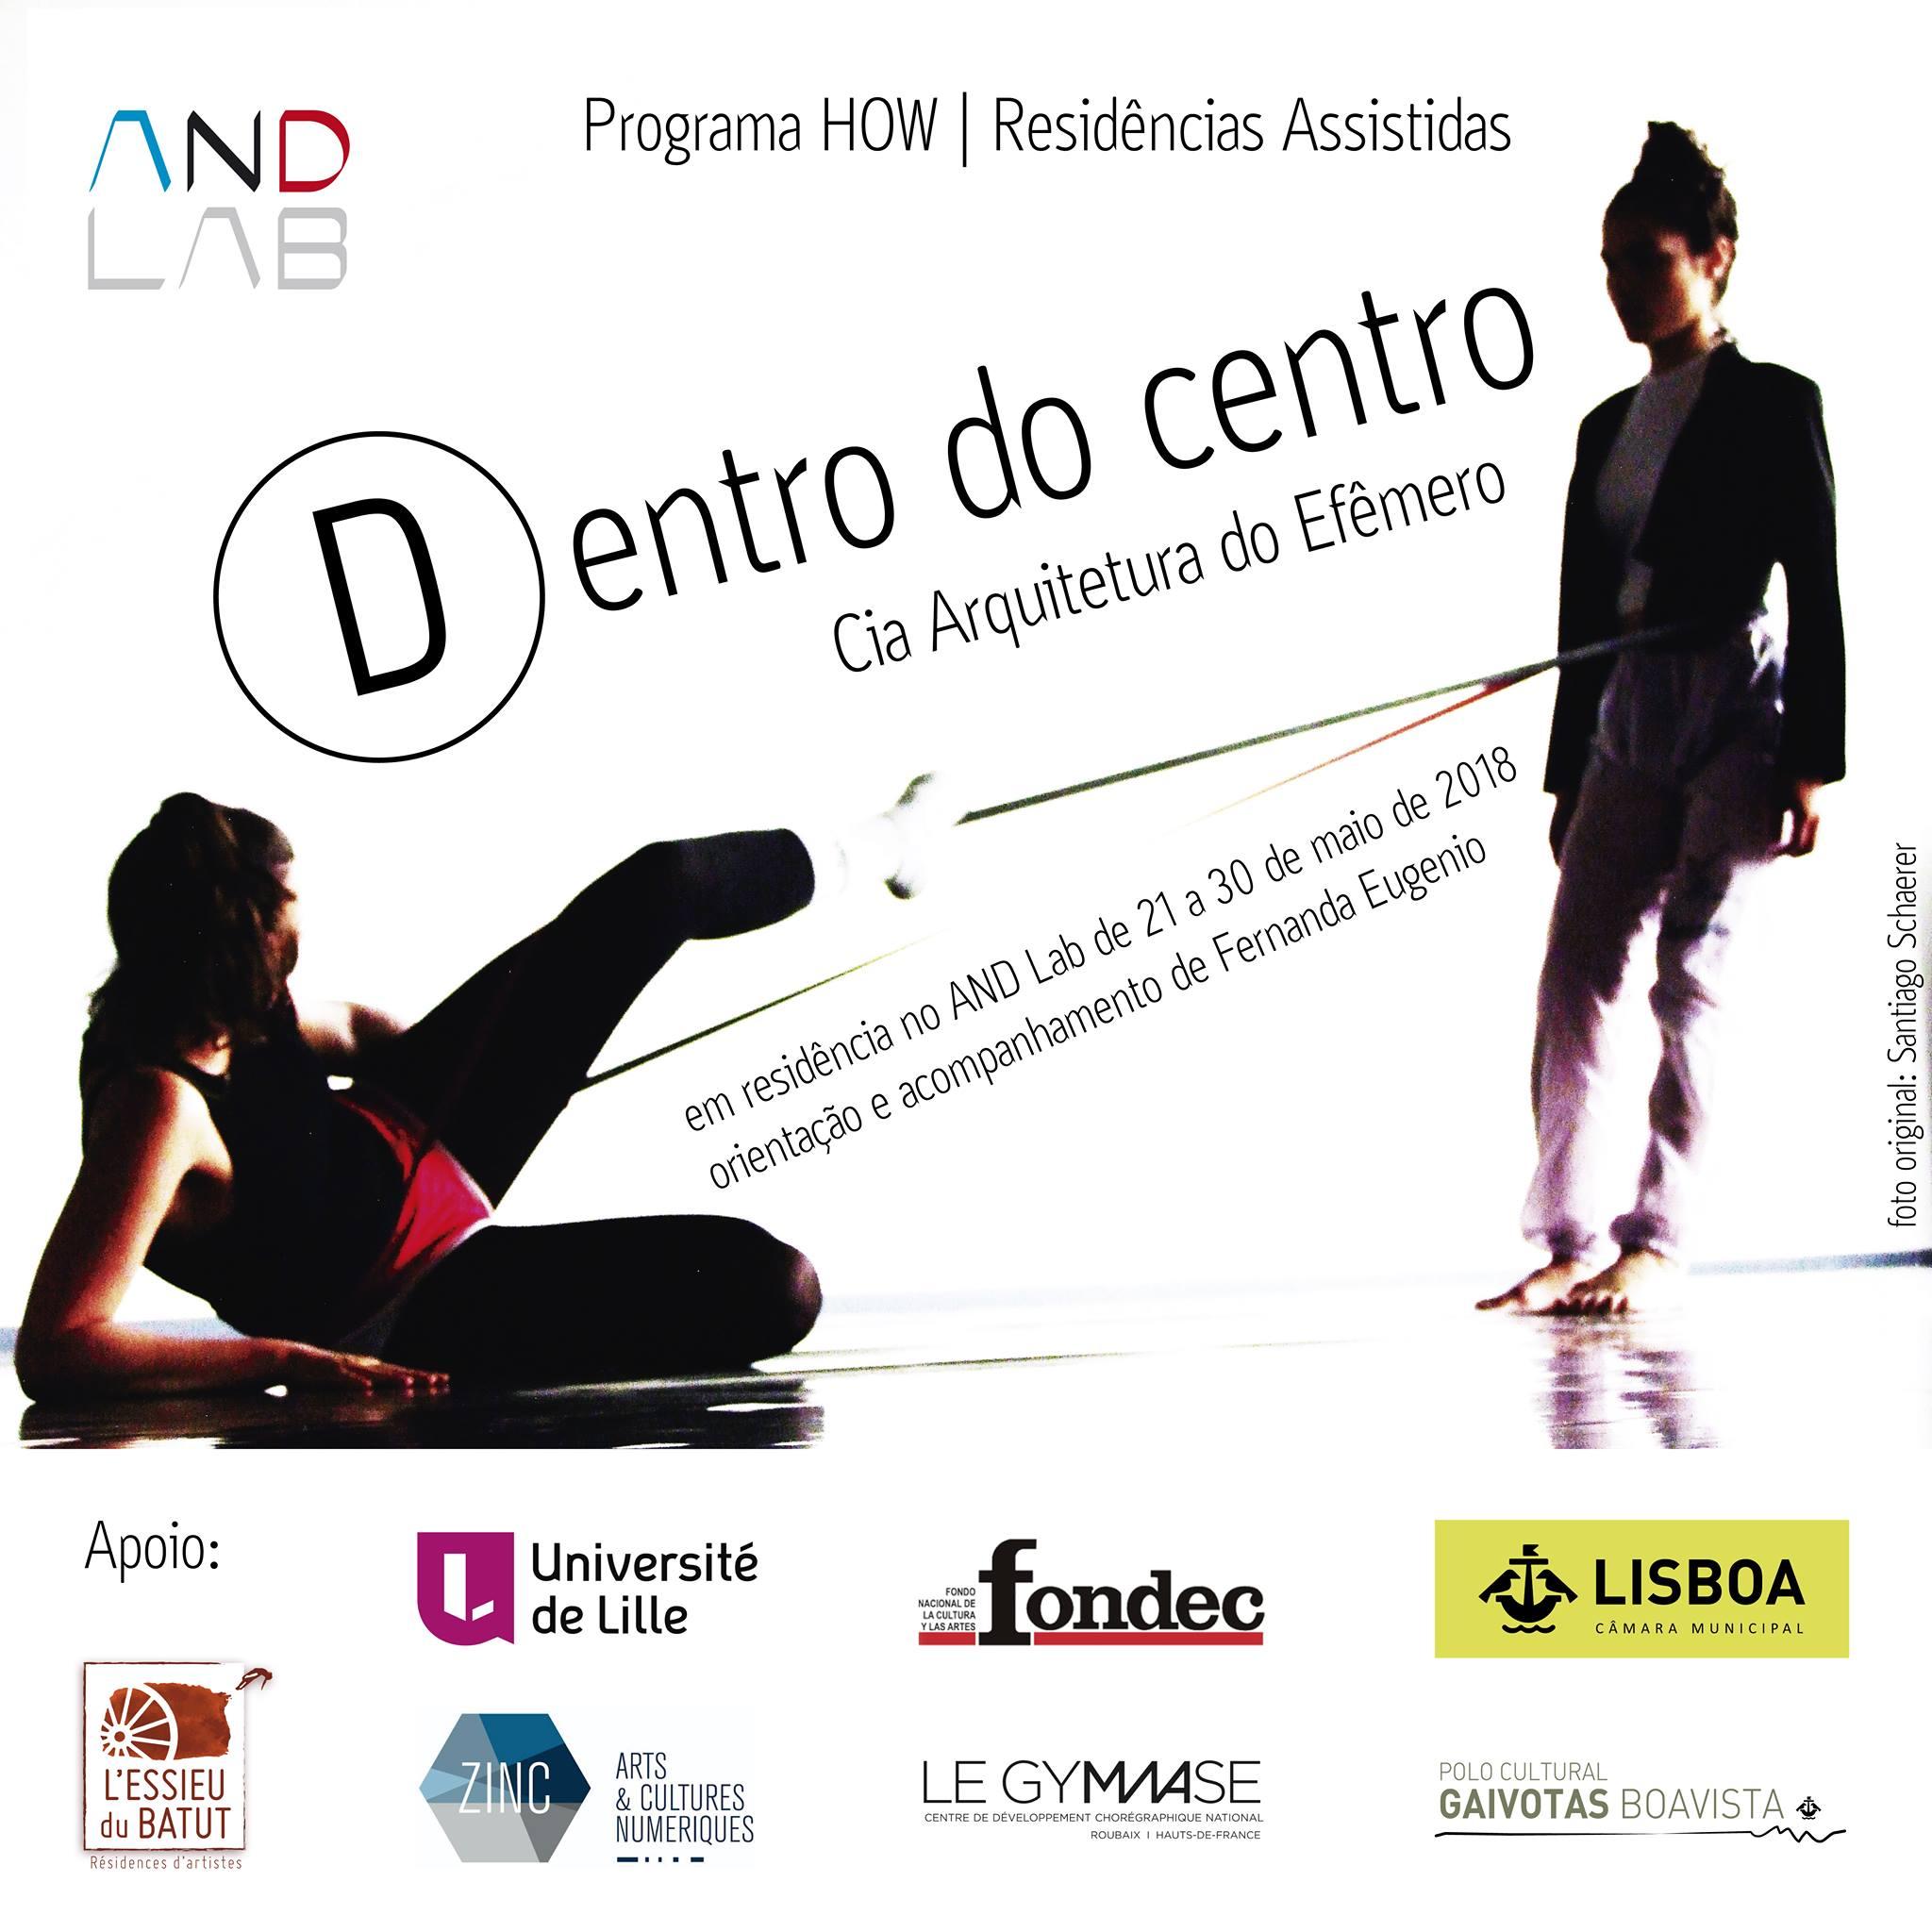 Residencia de criaçao coreografica AND-L